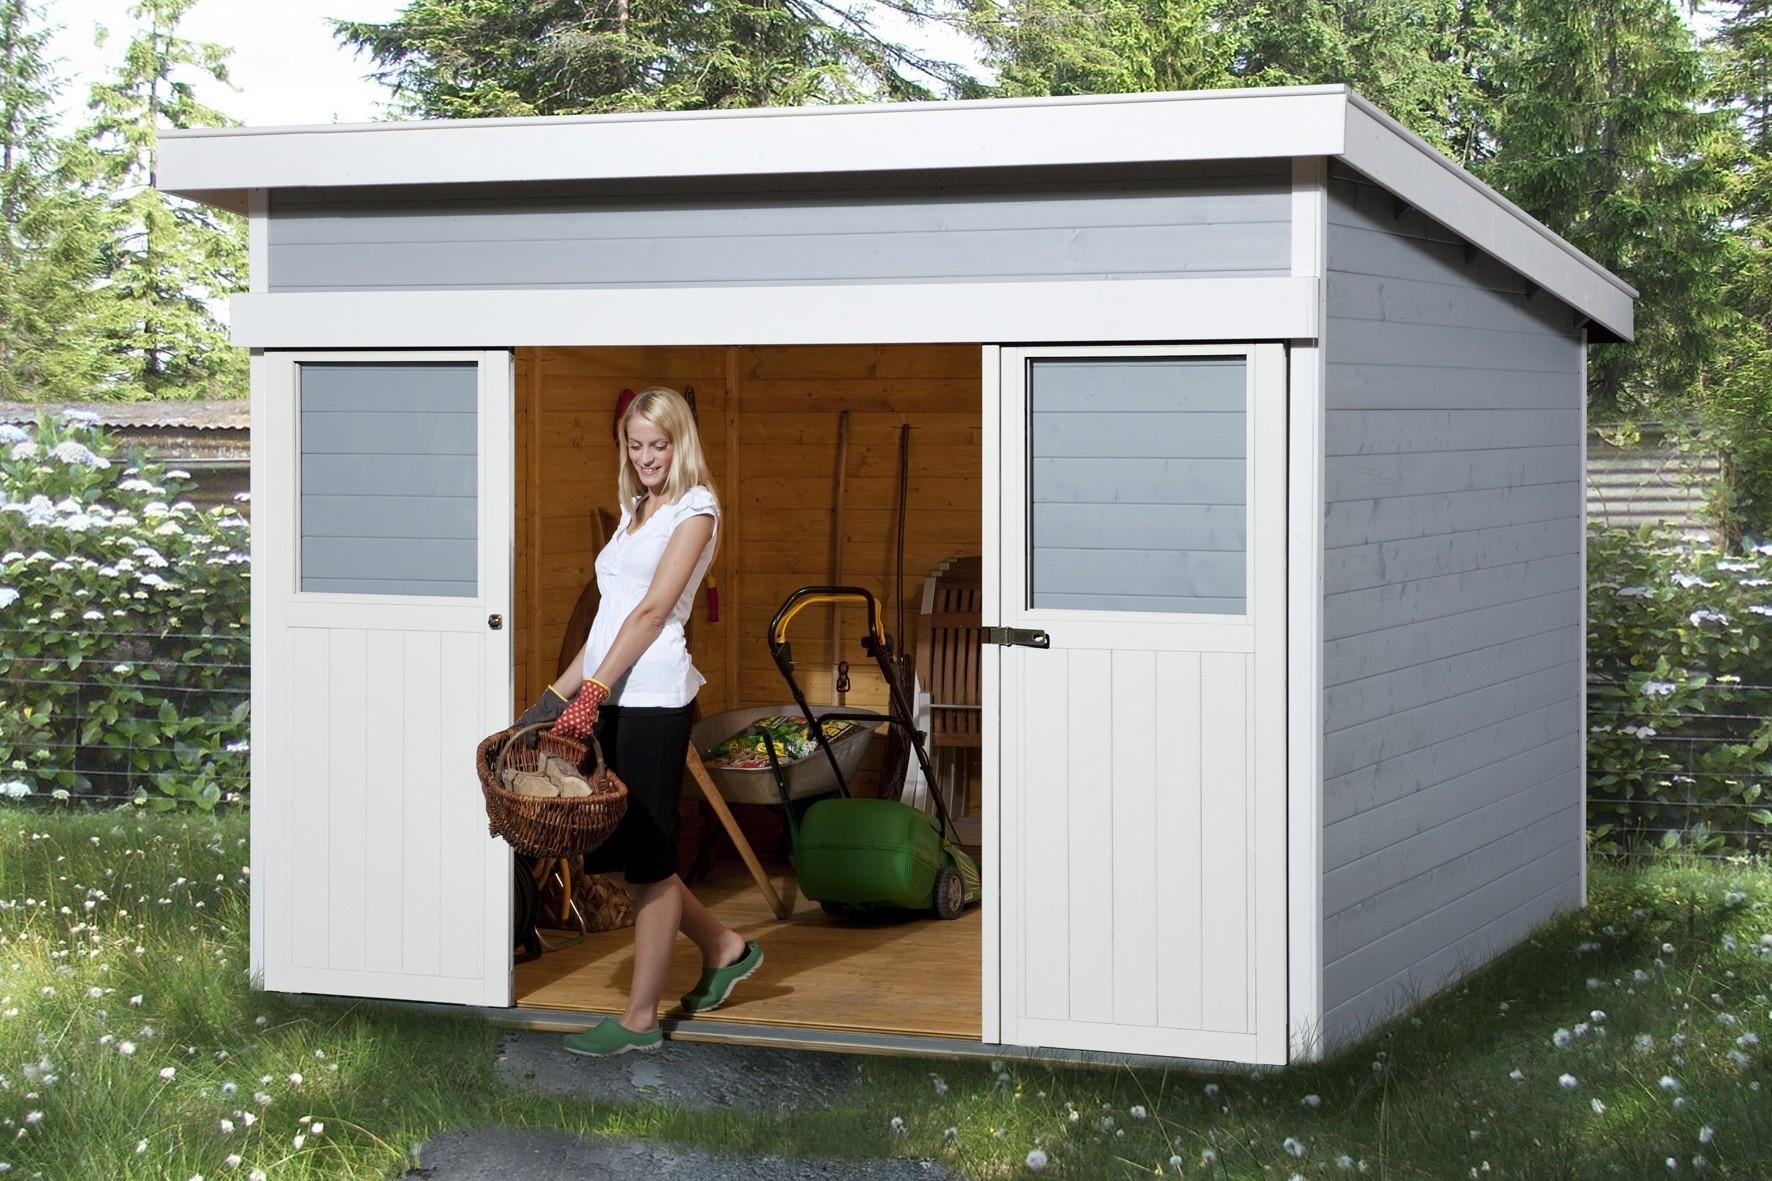 gartenhaus schiebet r nornabaeli. Black Bedroom Furniture Sets. Home Design Ideas